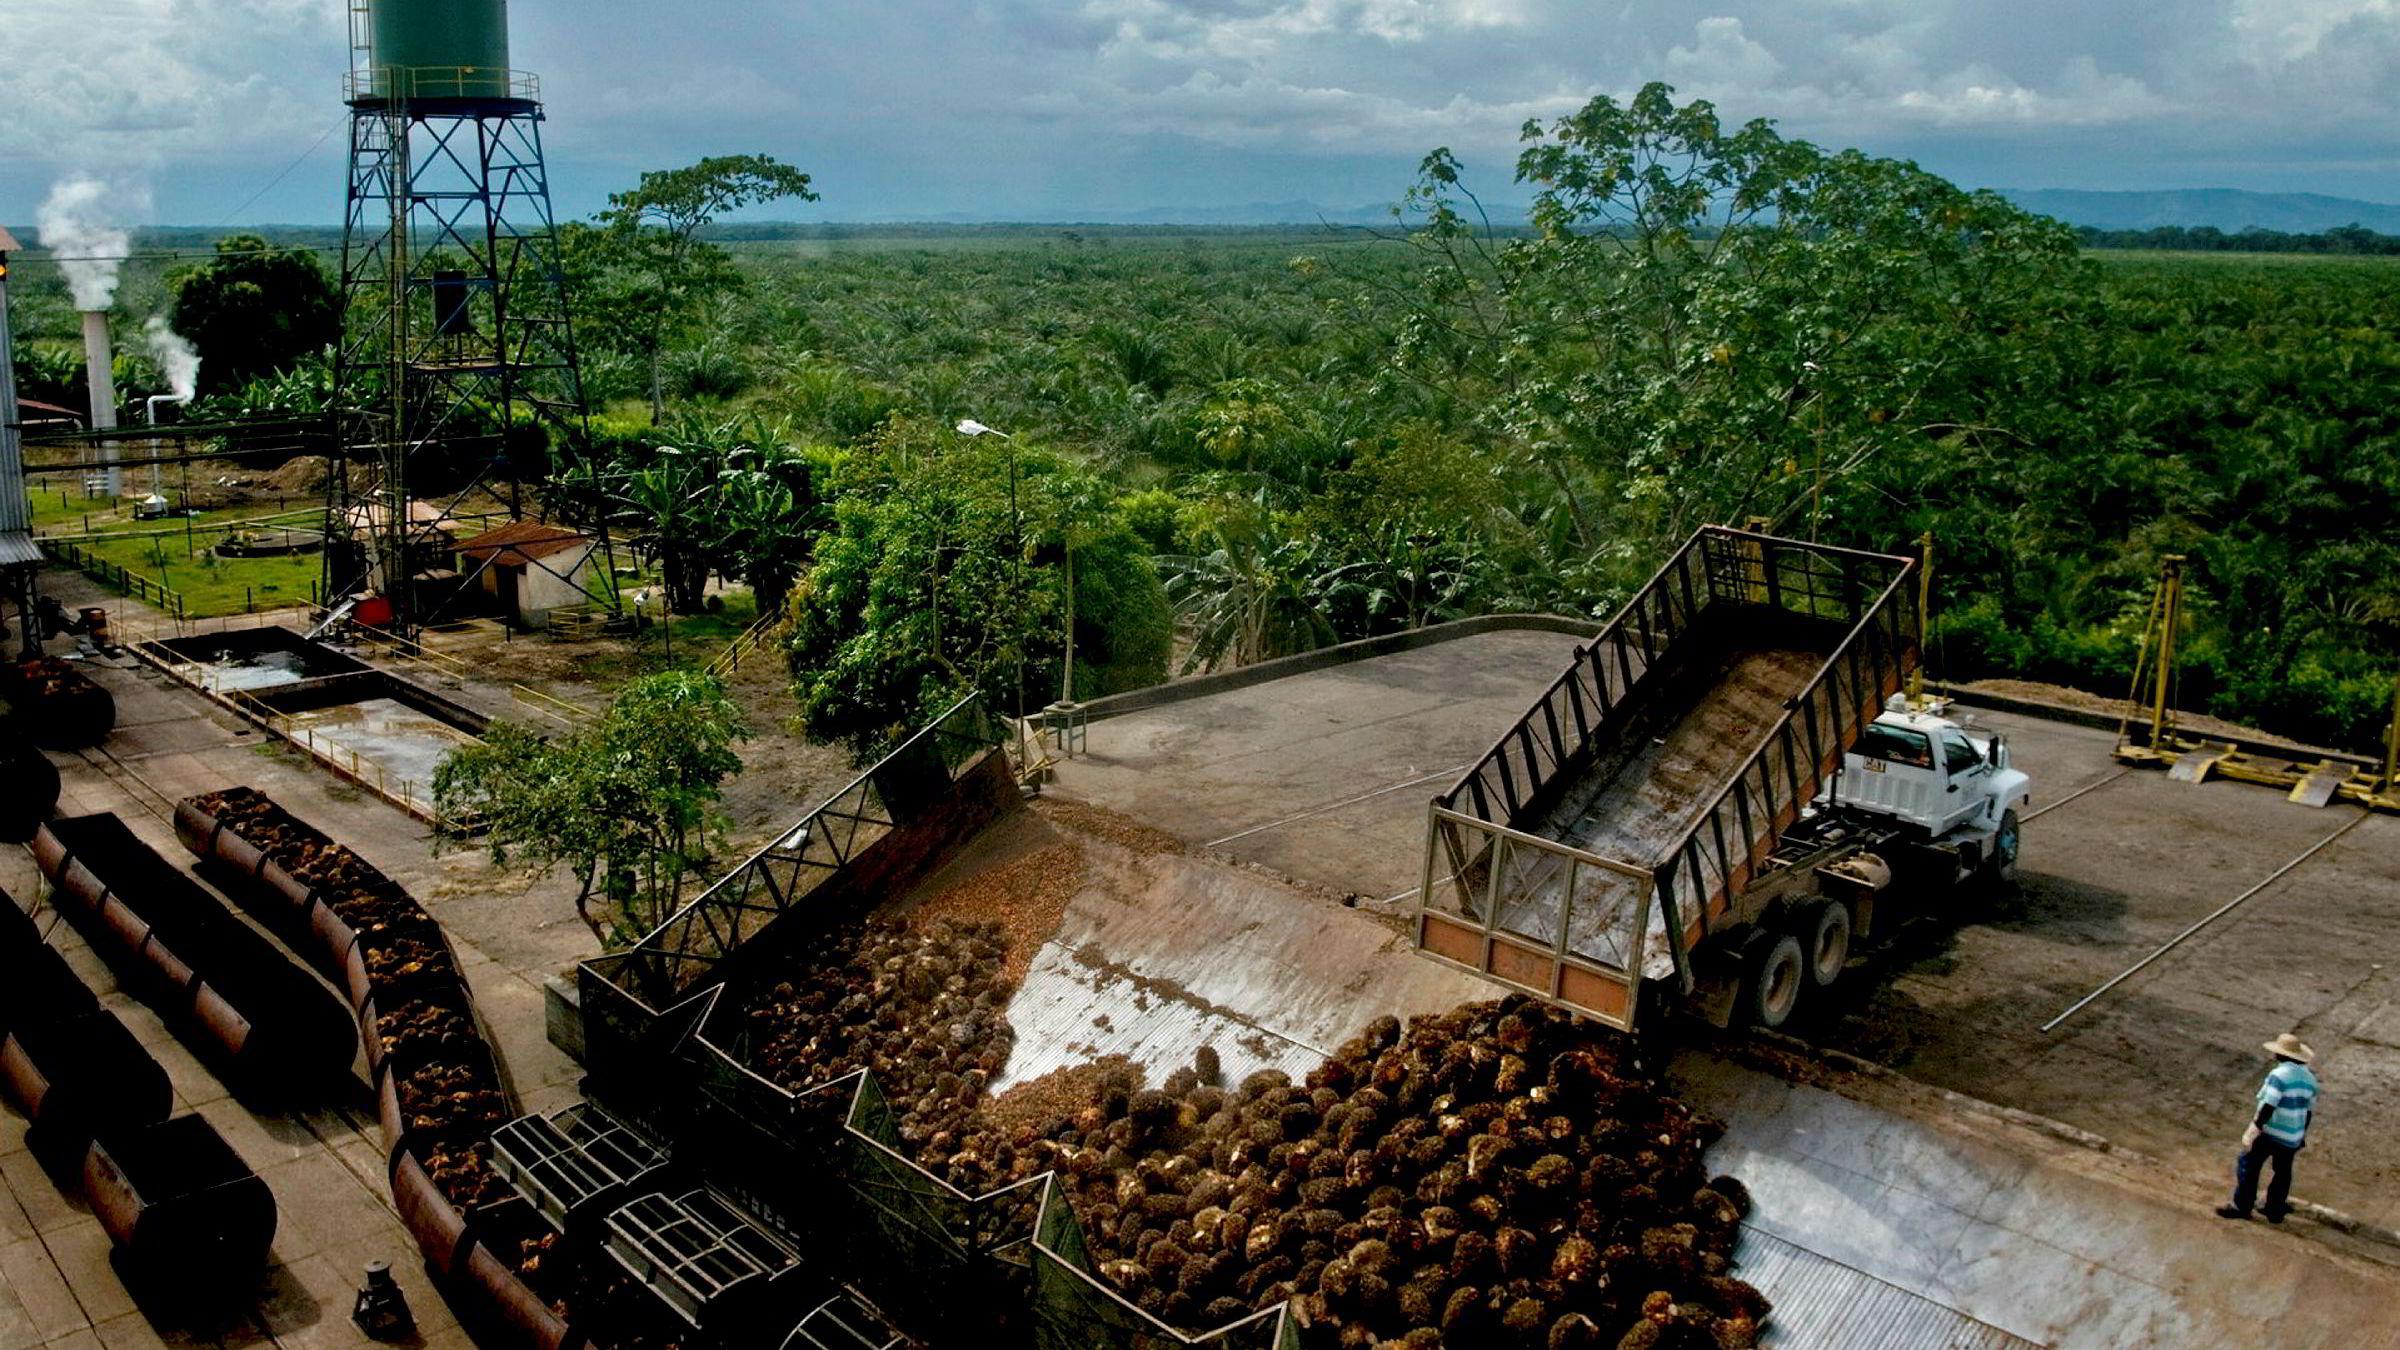 Årlig innhøsting av 1,2 millioner tonn palmefrukt gir 280 millioner liter tradisjonell biodiesel, som er nok til å bytte ut 7,5 prosent av det norske dieselforbruket, skriver artikkelforfatteren. Her fra Cumaral i Colombia.